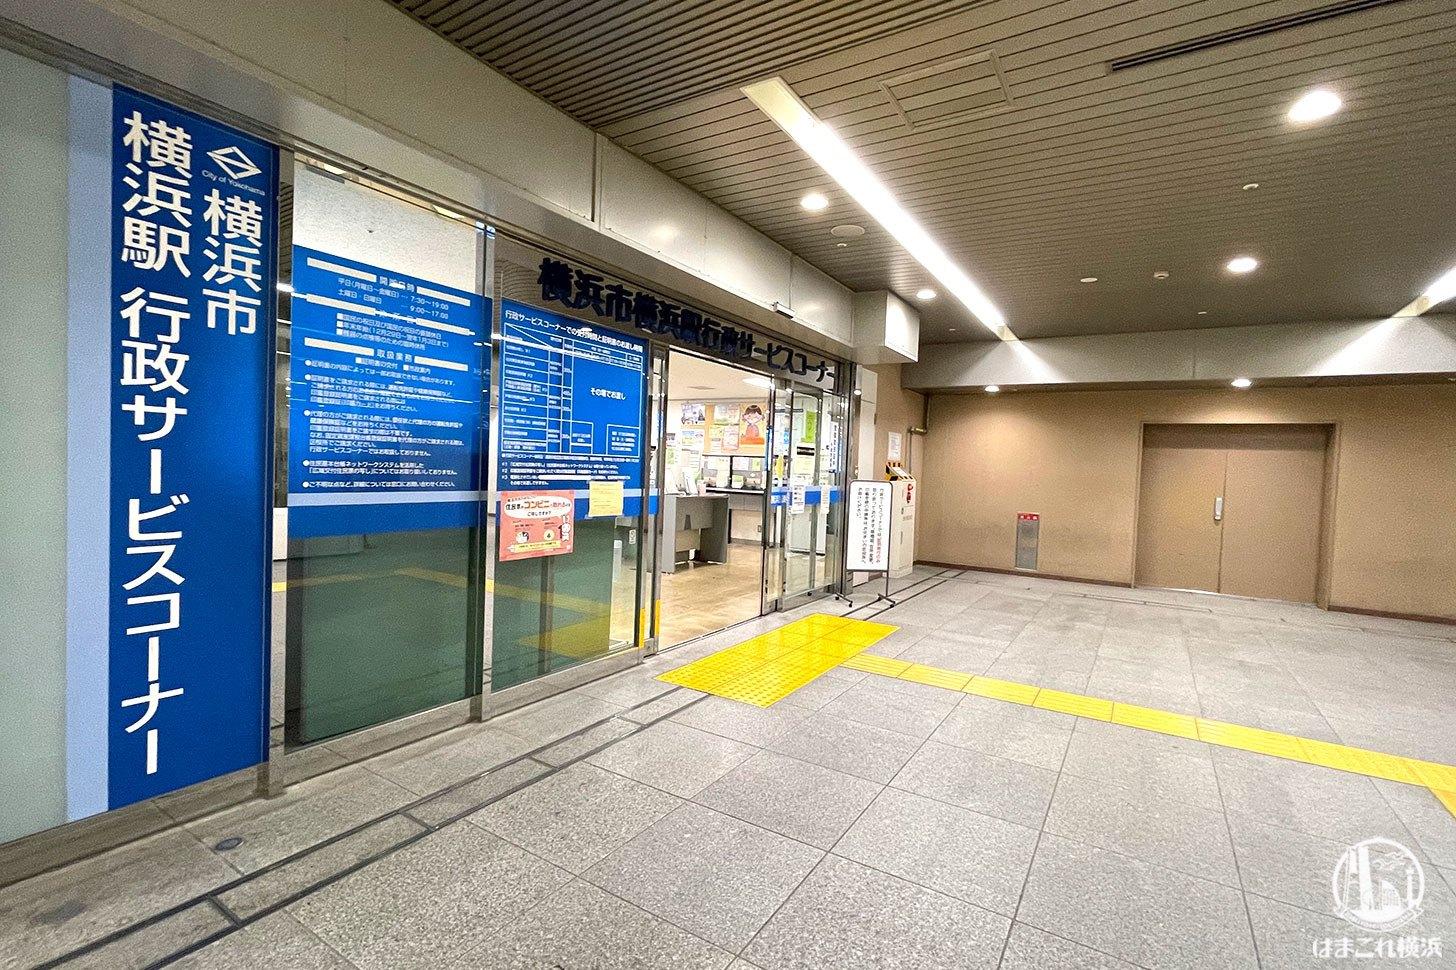 横浜駅で住民票や戸籍謄本、印鑑登録証明書を取得する方法!行政サービスコーナーの行き方